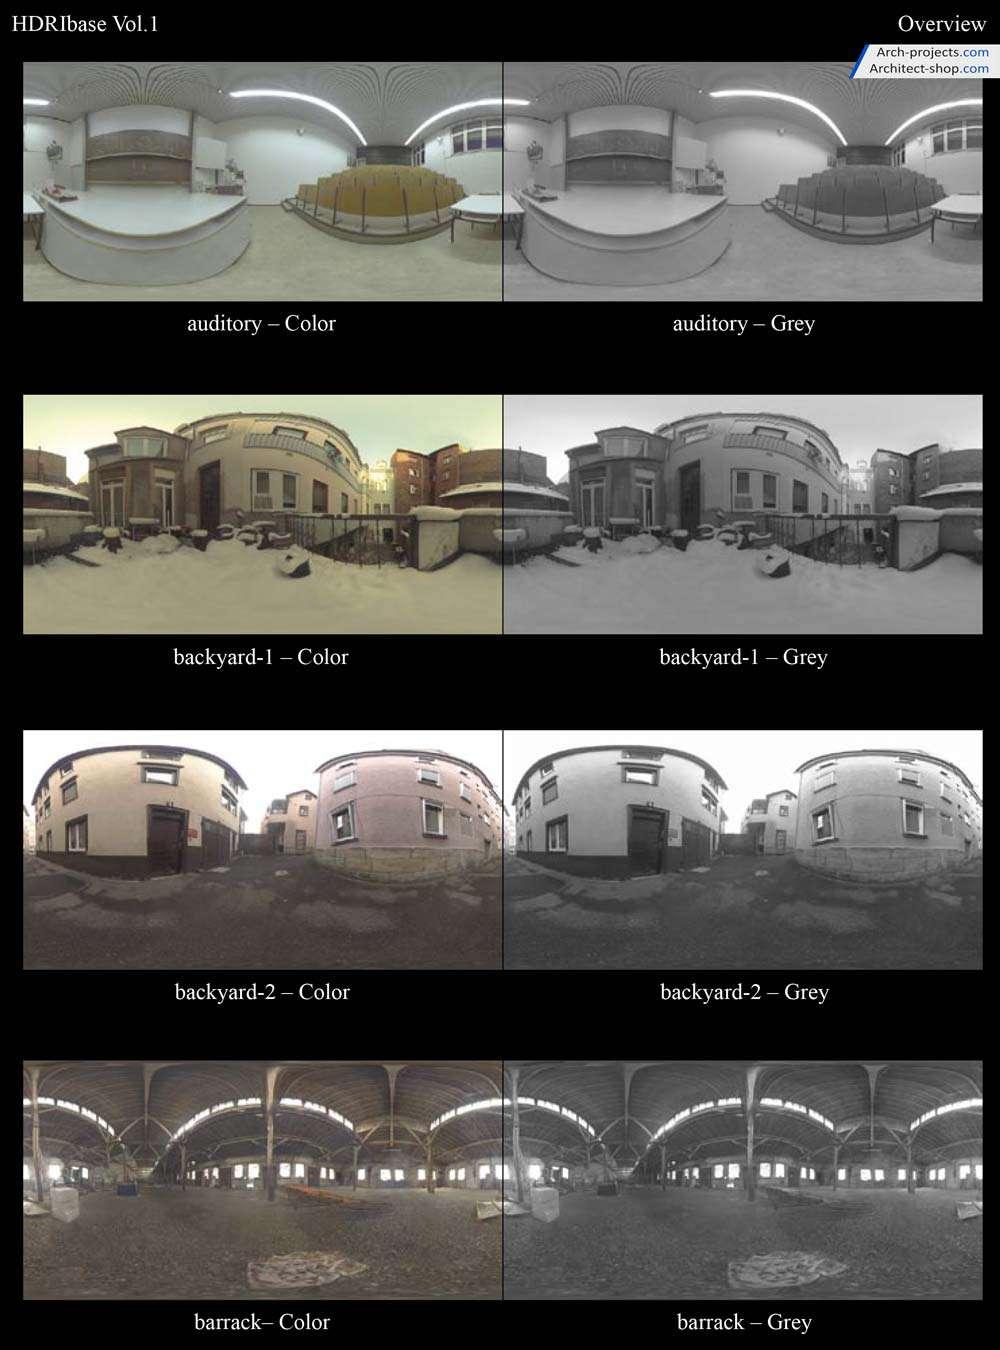 تصاویر HDRI به صورت پانورما